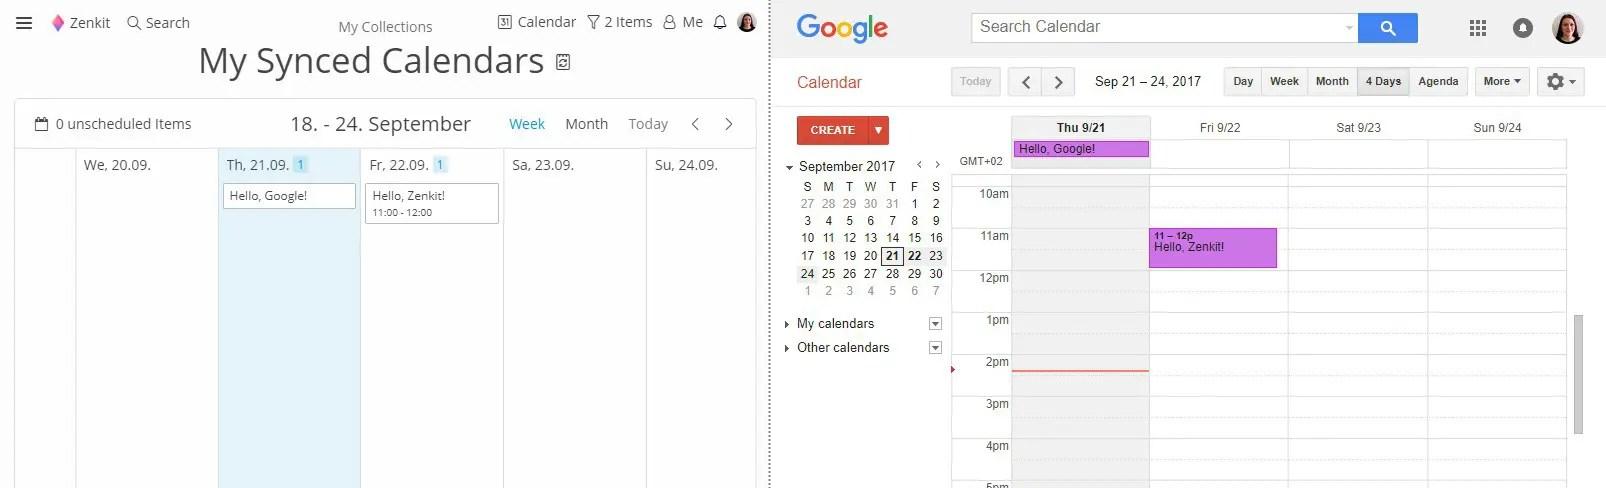 Integrating Zenkit with Google Calendar Zenkit - calender s